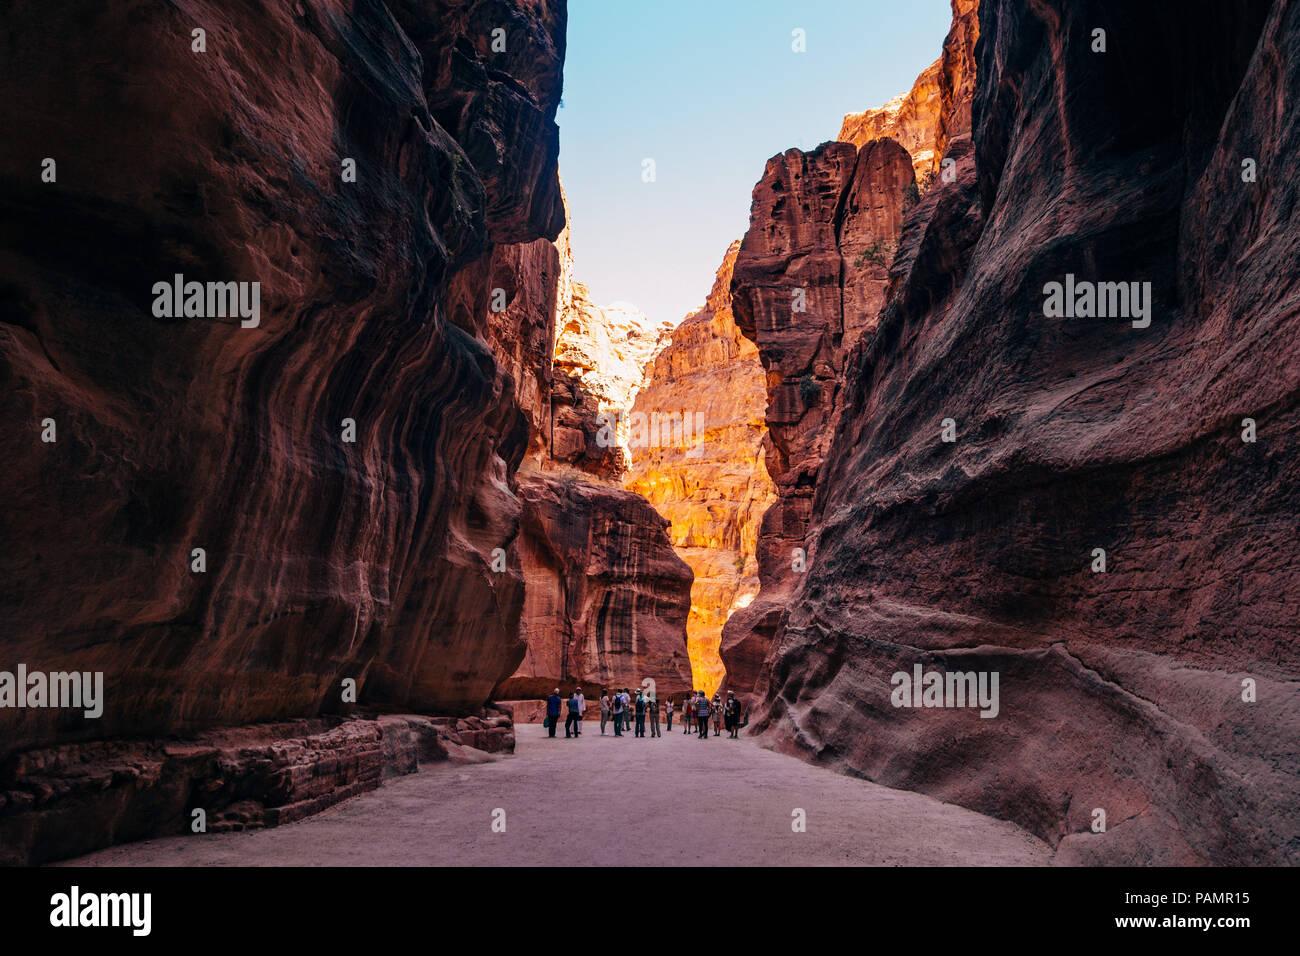 Un grupo de turistas camina por el camino principal en Petra, Jordania. El cañón fue tallada en la roca dividir durante un terremoto Imagen De Stock